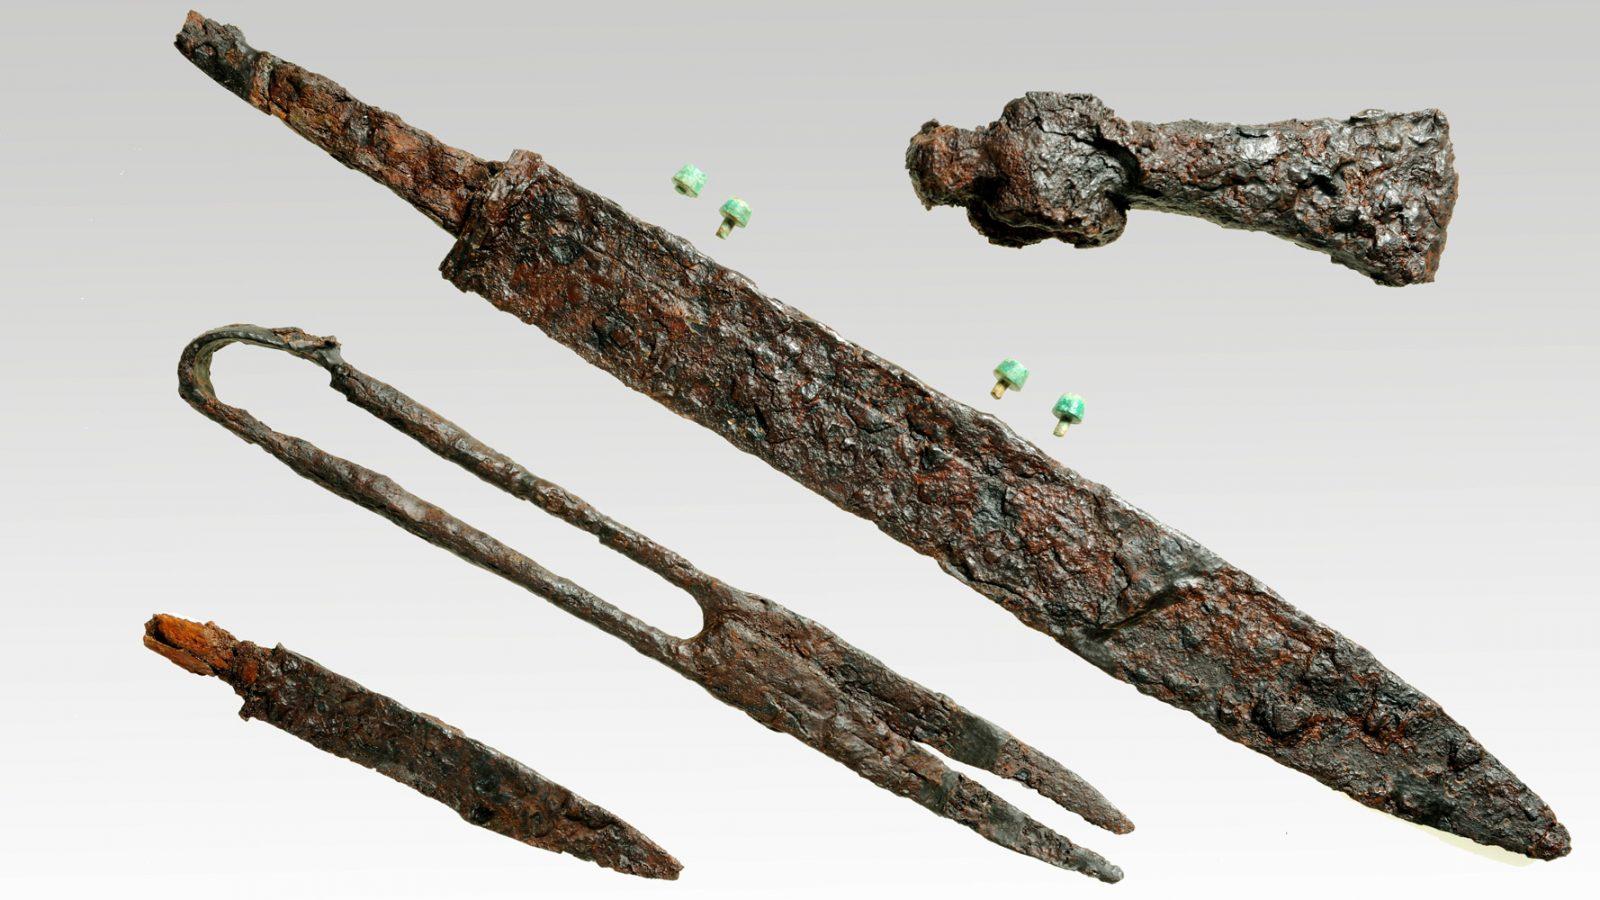 Parte del corredo della tomba maschile n.11: ascia, scramasax, cesoie, coltello. (Anas, L'archeologia si fa strada. Scavi, scoperte e tesori lungo le vie d'Italia, 2017)